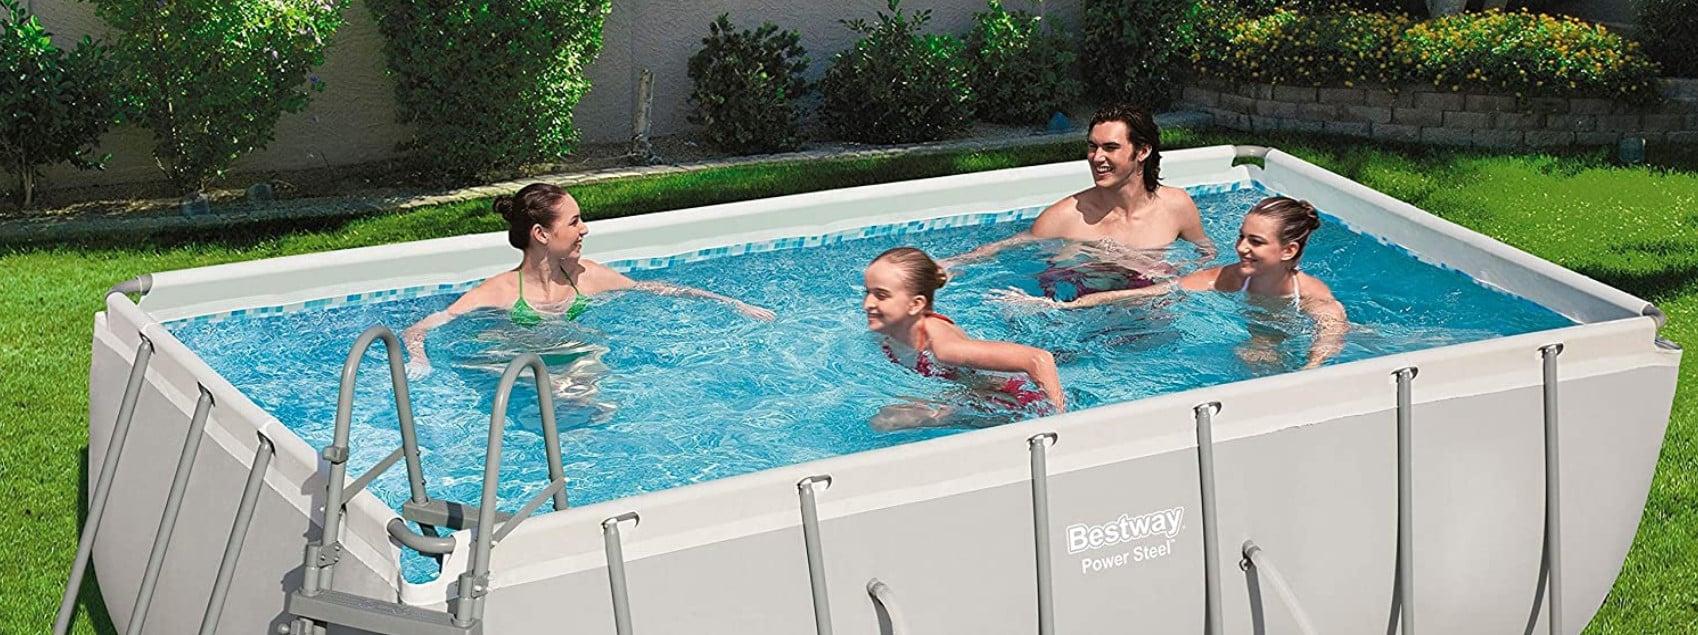 Comparatif pour choisir la meilleure piscine tubulaire rectangulaire